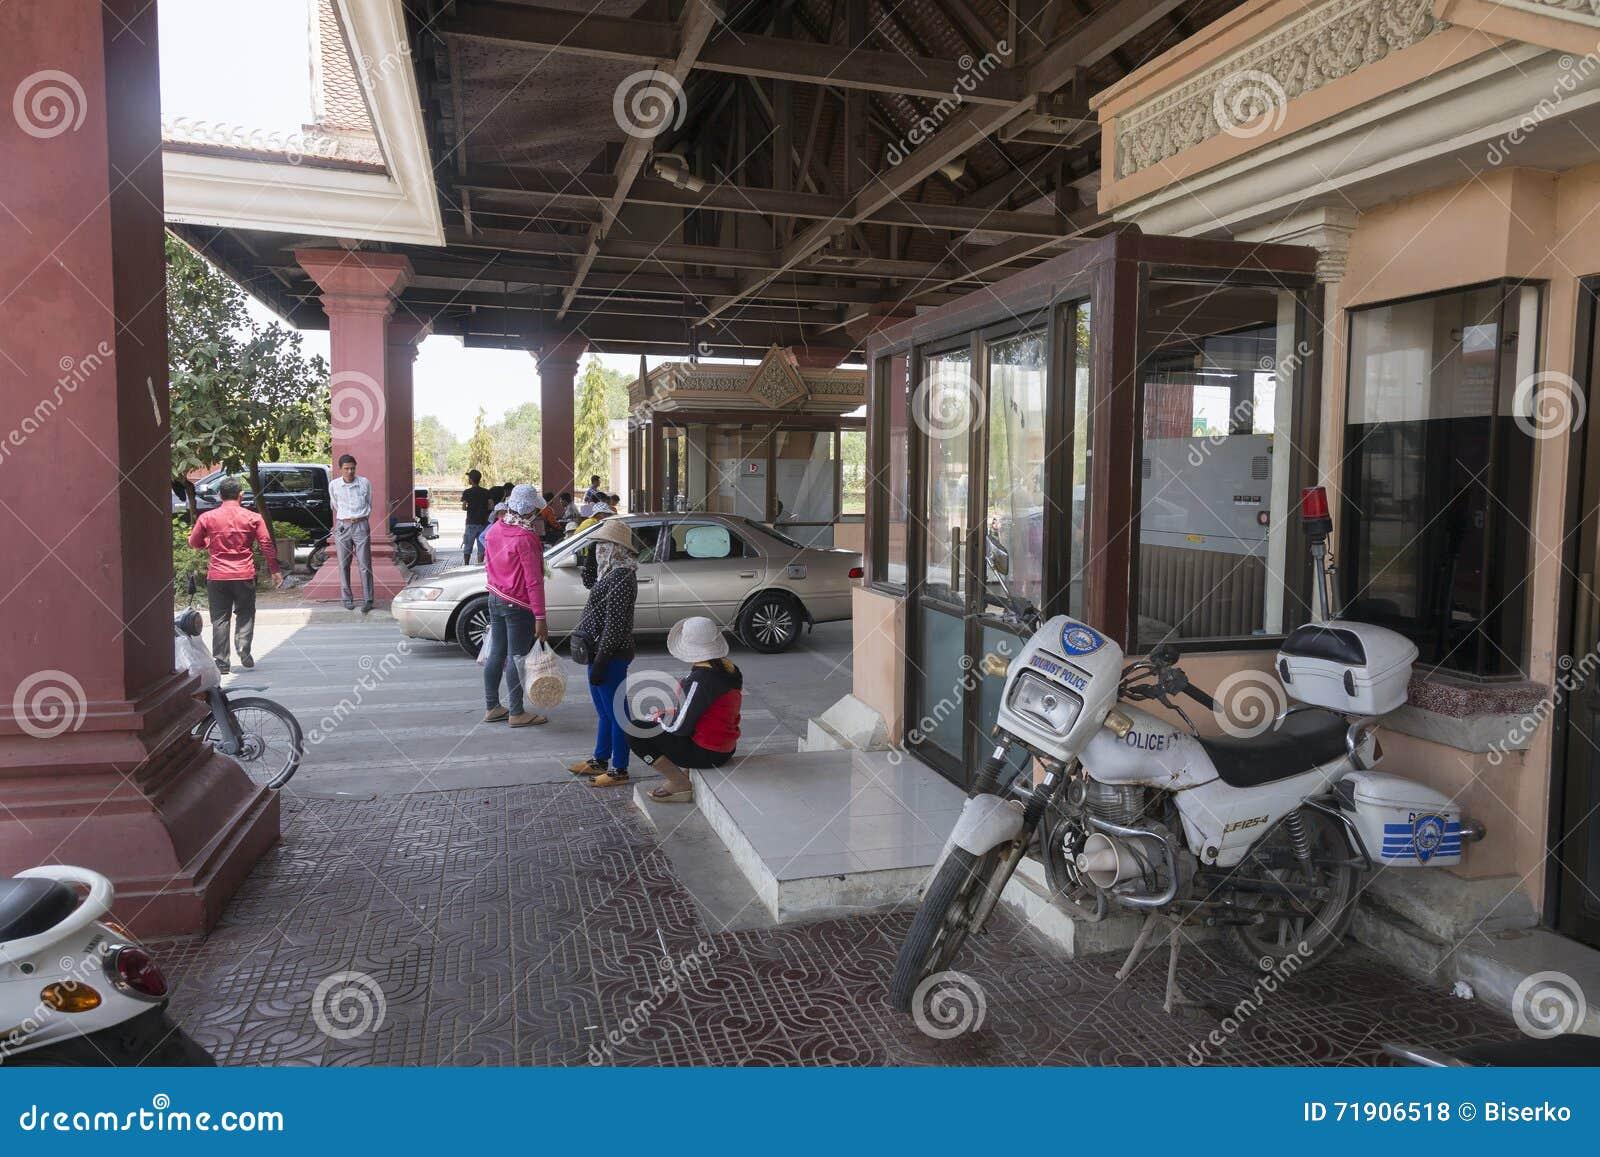 Bavet grensovergang tussen Kambodja en Vietnam